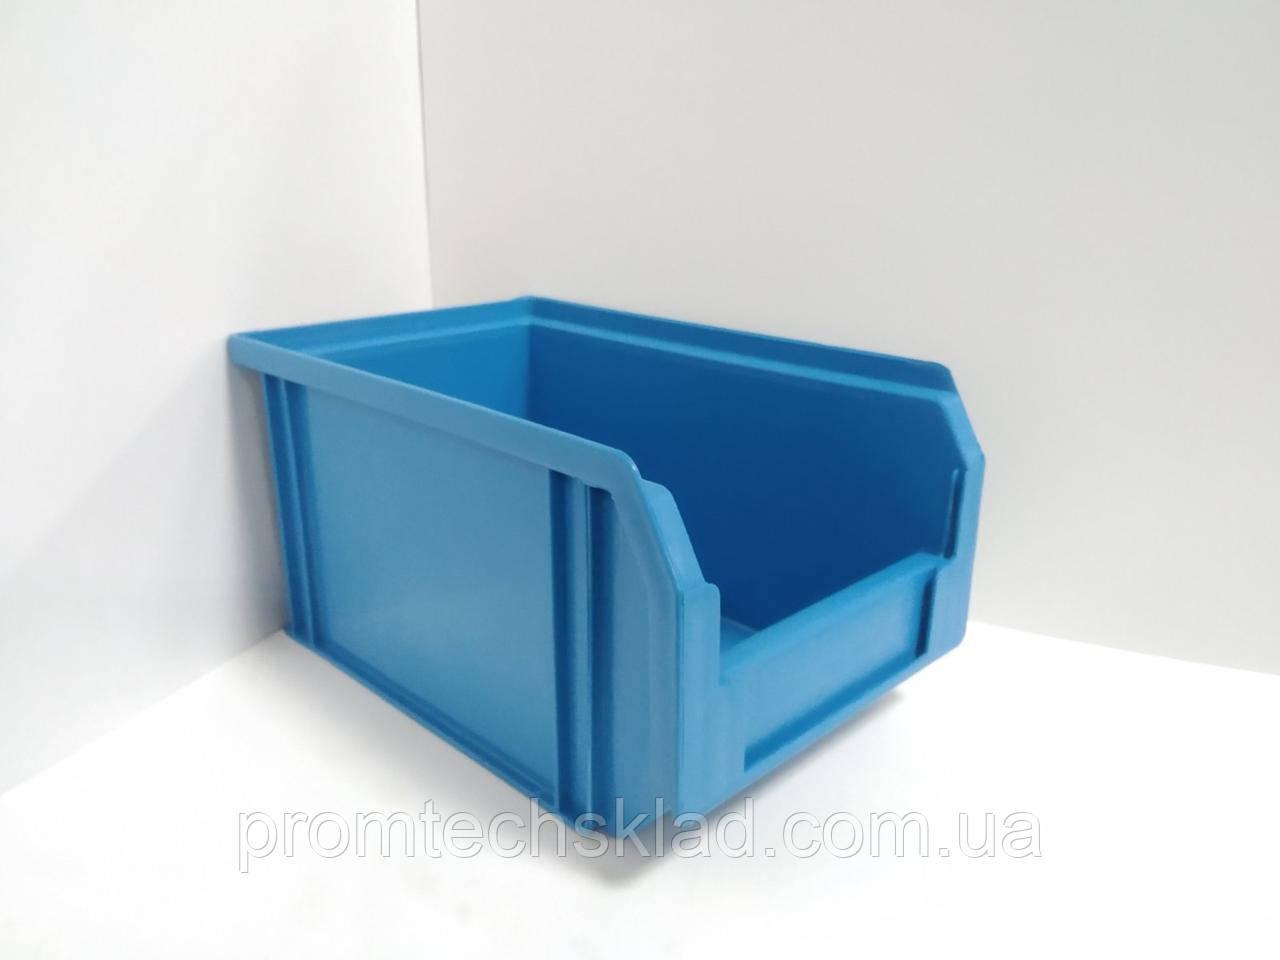 Ящик 701 для зберігання метизів синій 230х145х125 мм